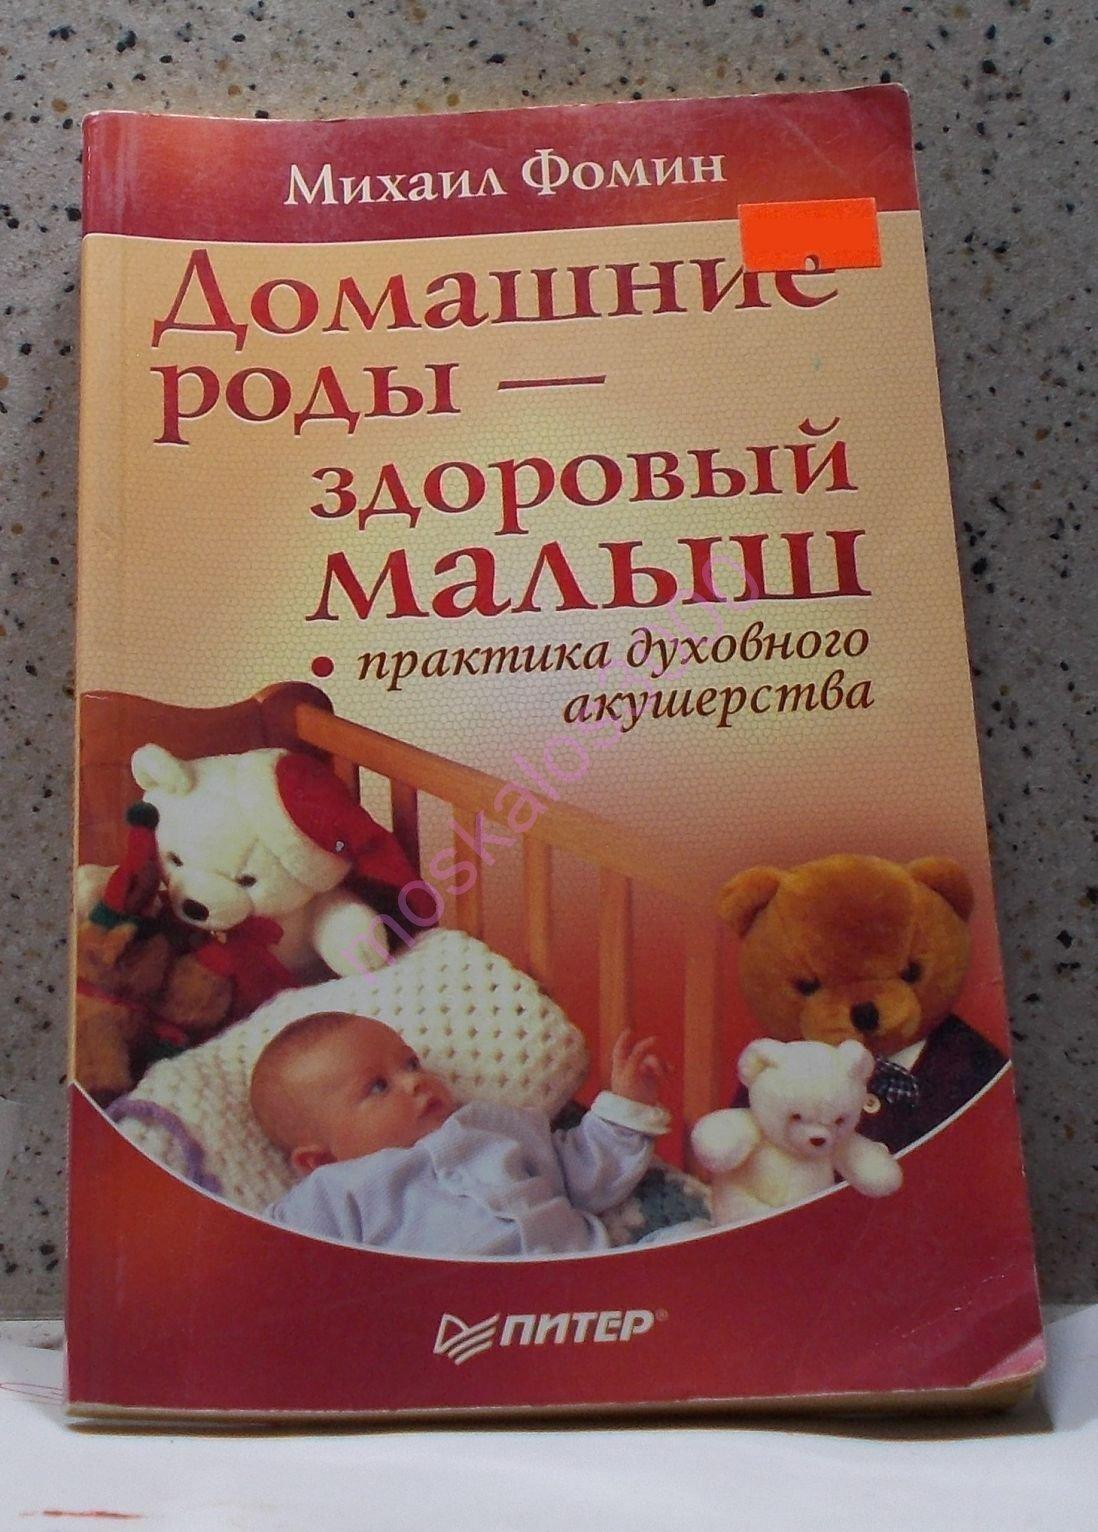 Домашние роды: здоровый малыш. Михаил Фомин